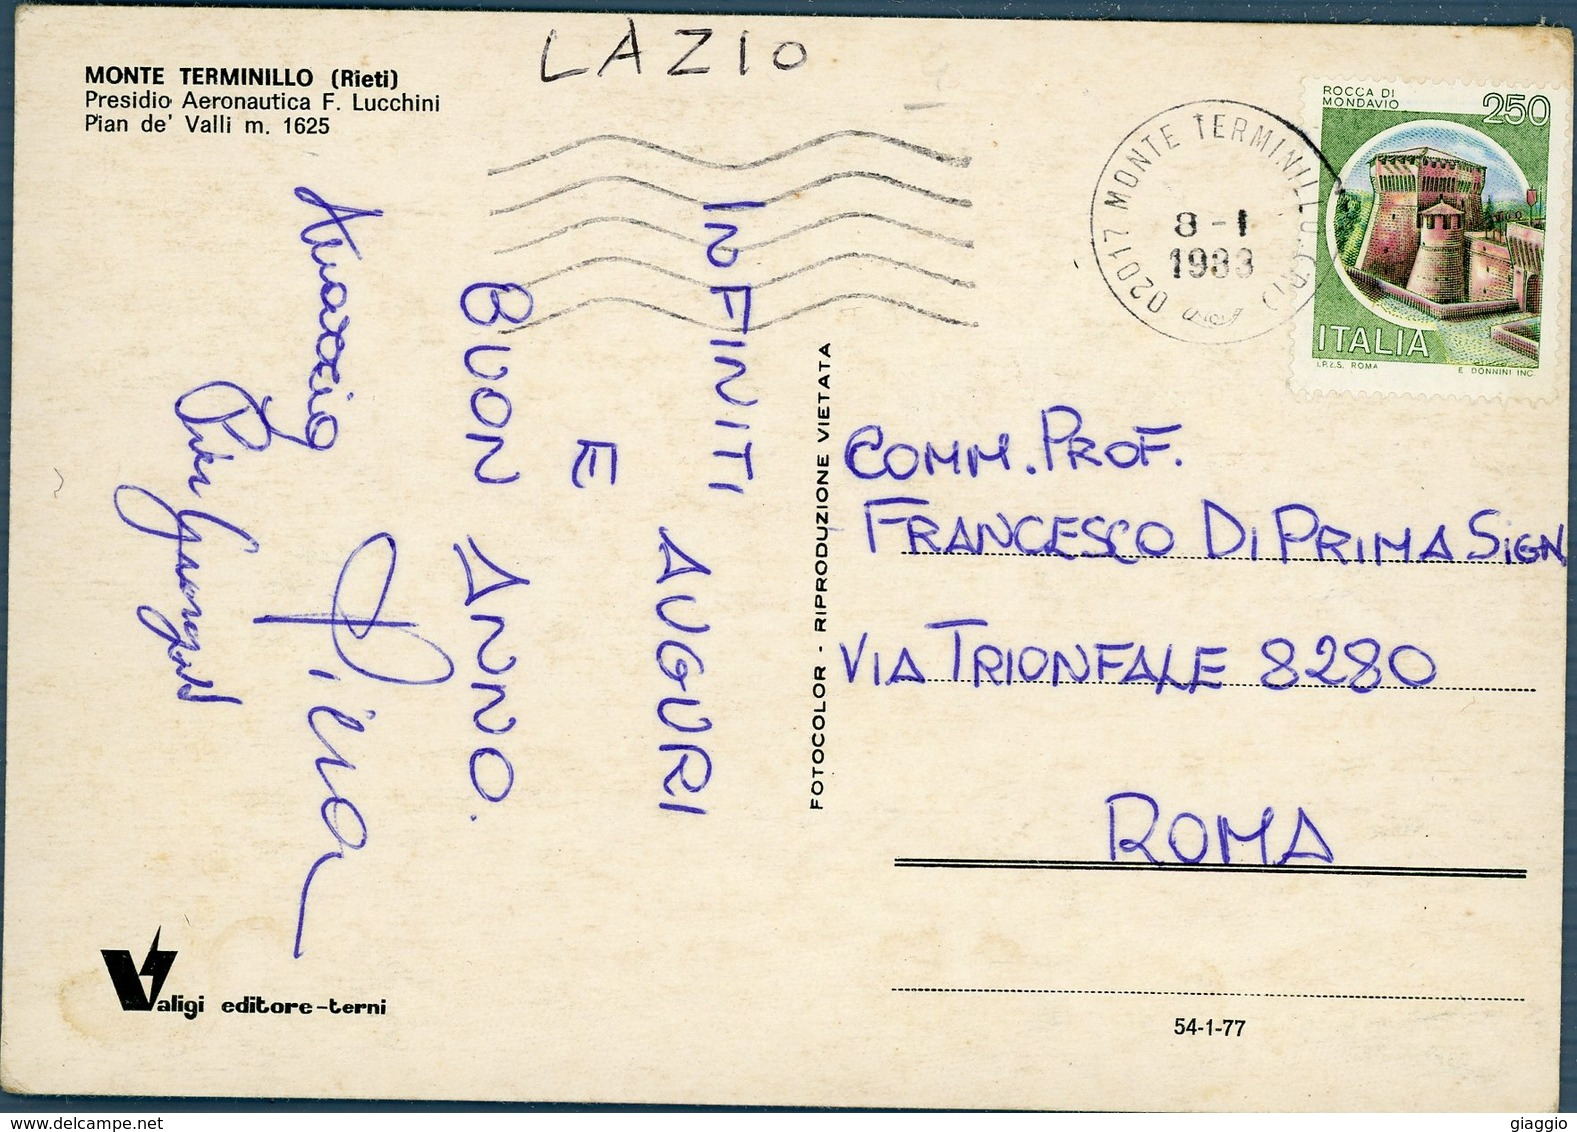 °°° Cartolina N.21 Monte Terminillo Presidio Aeronautica F. Lucchini Viaggiata °°° - Rieti